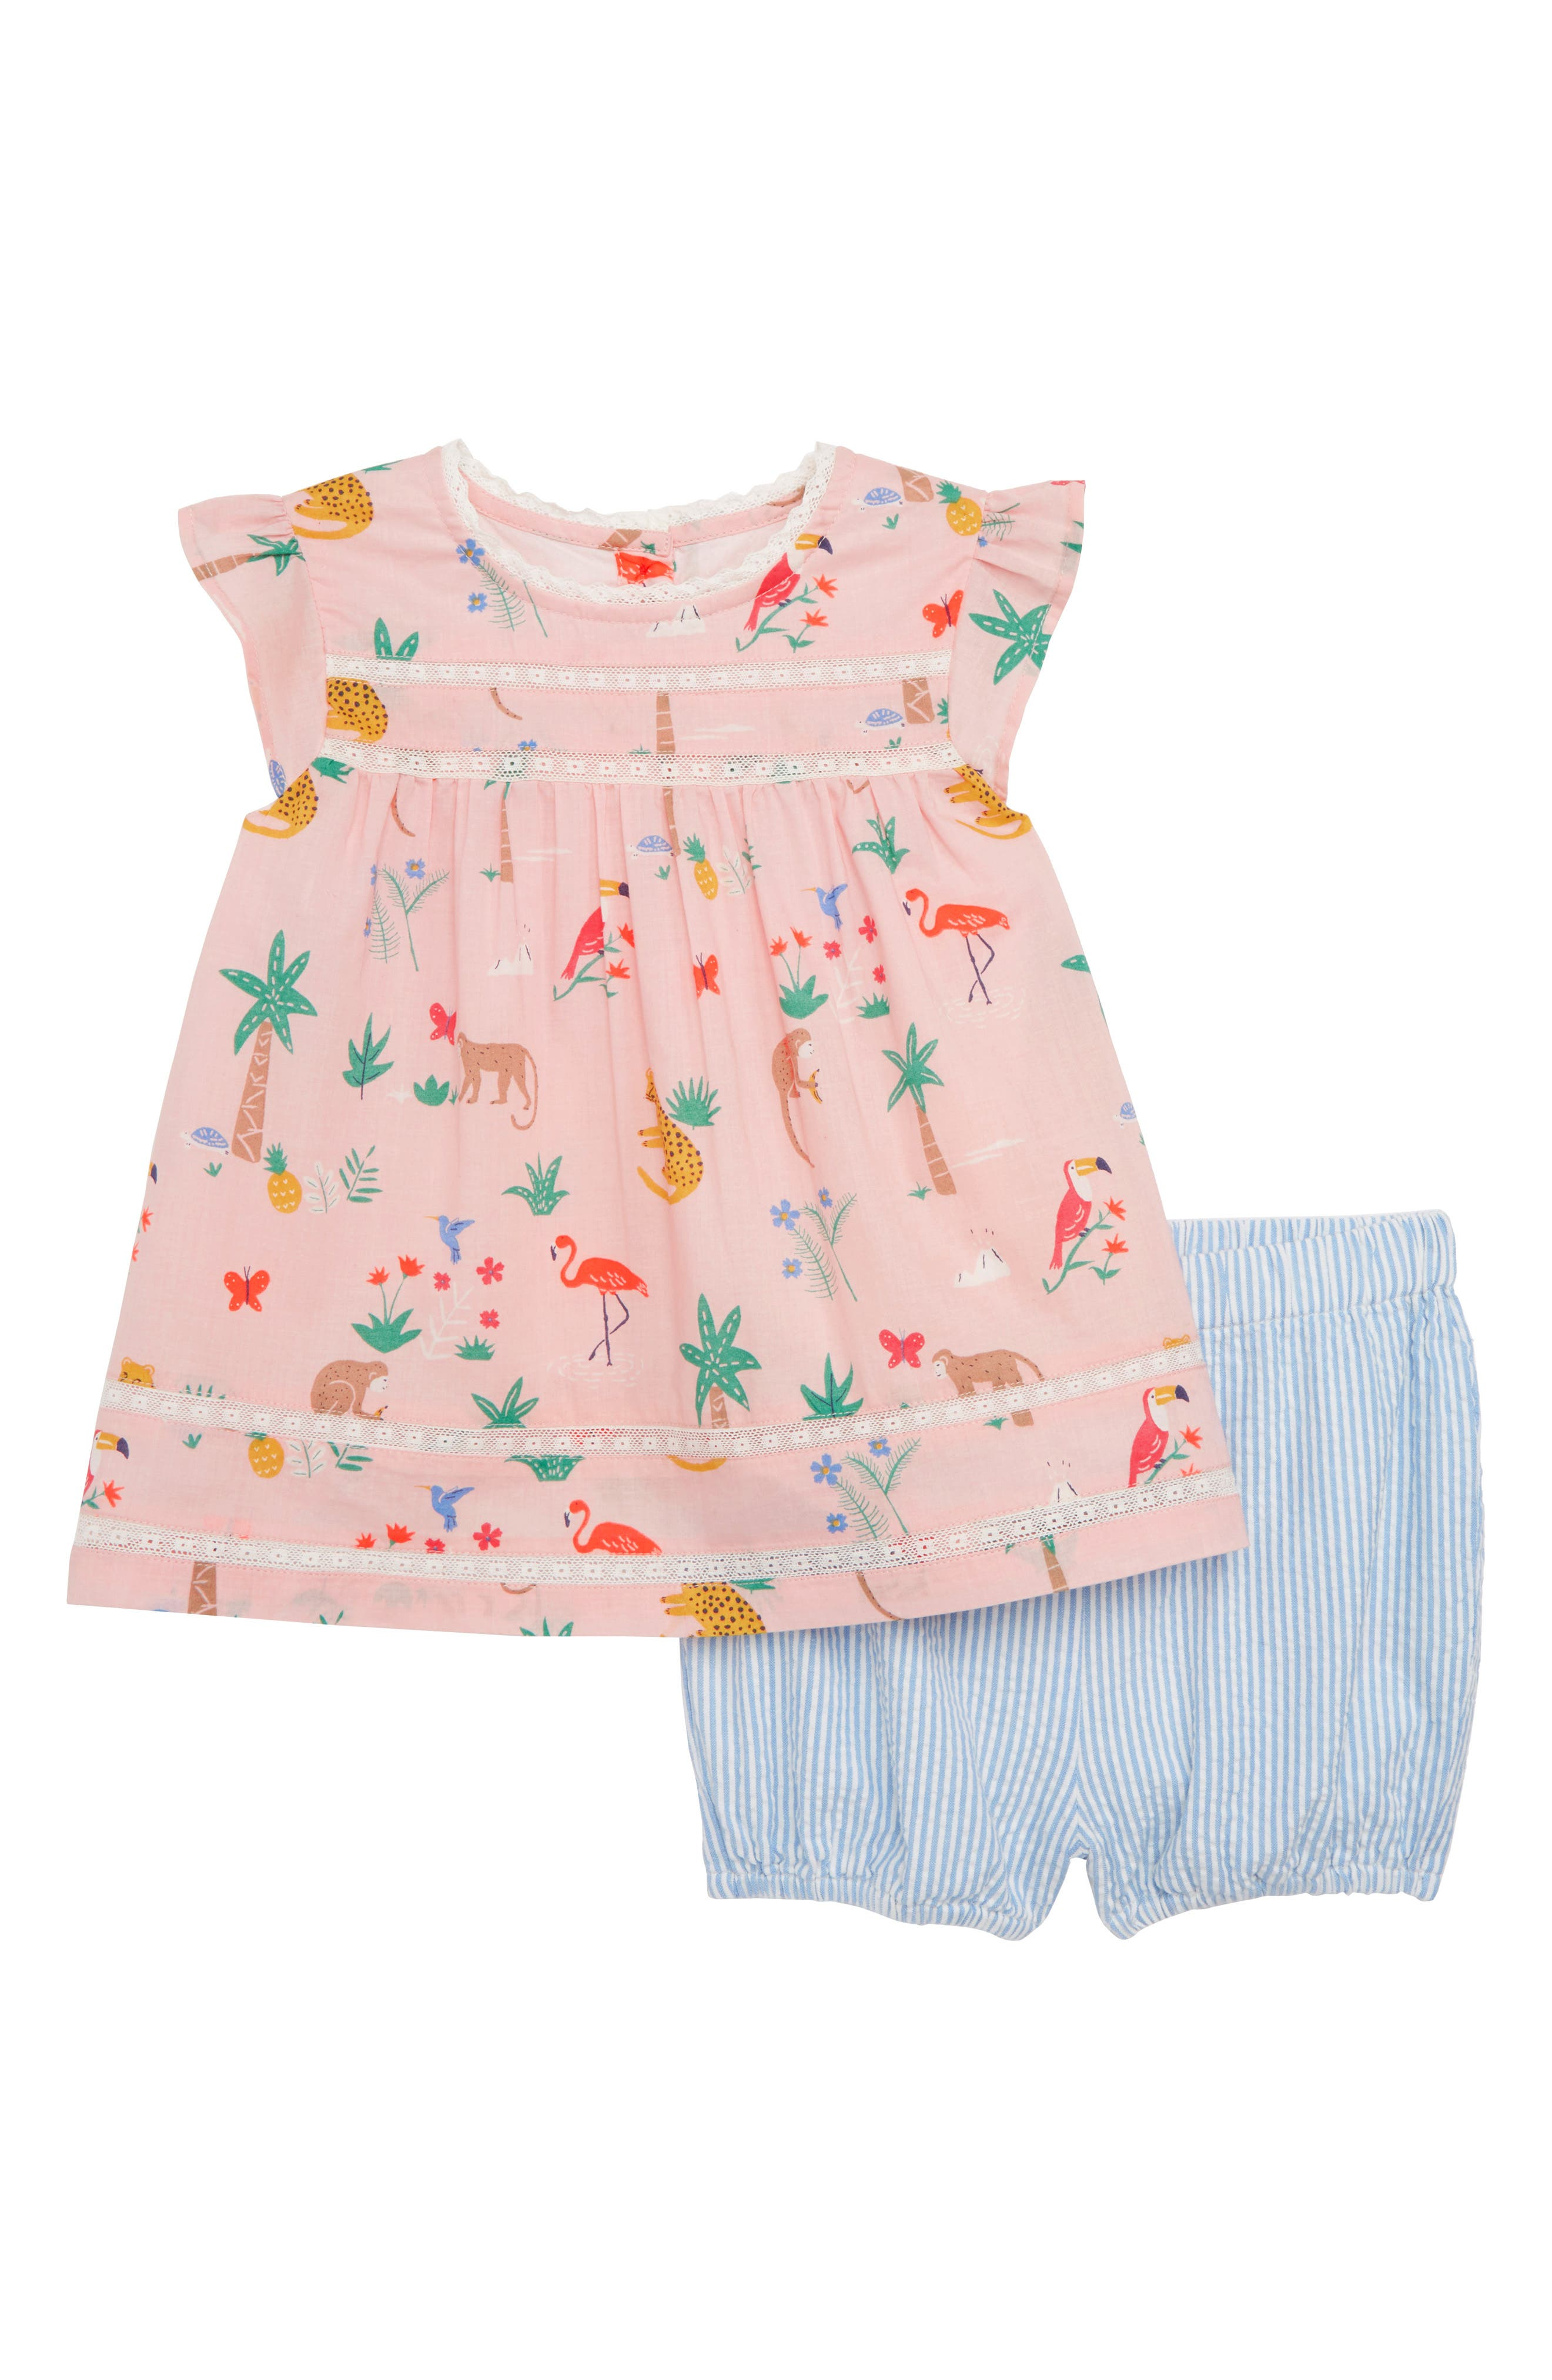 Sunny Days Top & Shorts Set,                             Main thumbnail 1, color,